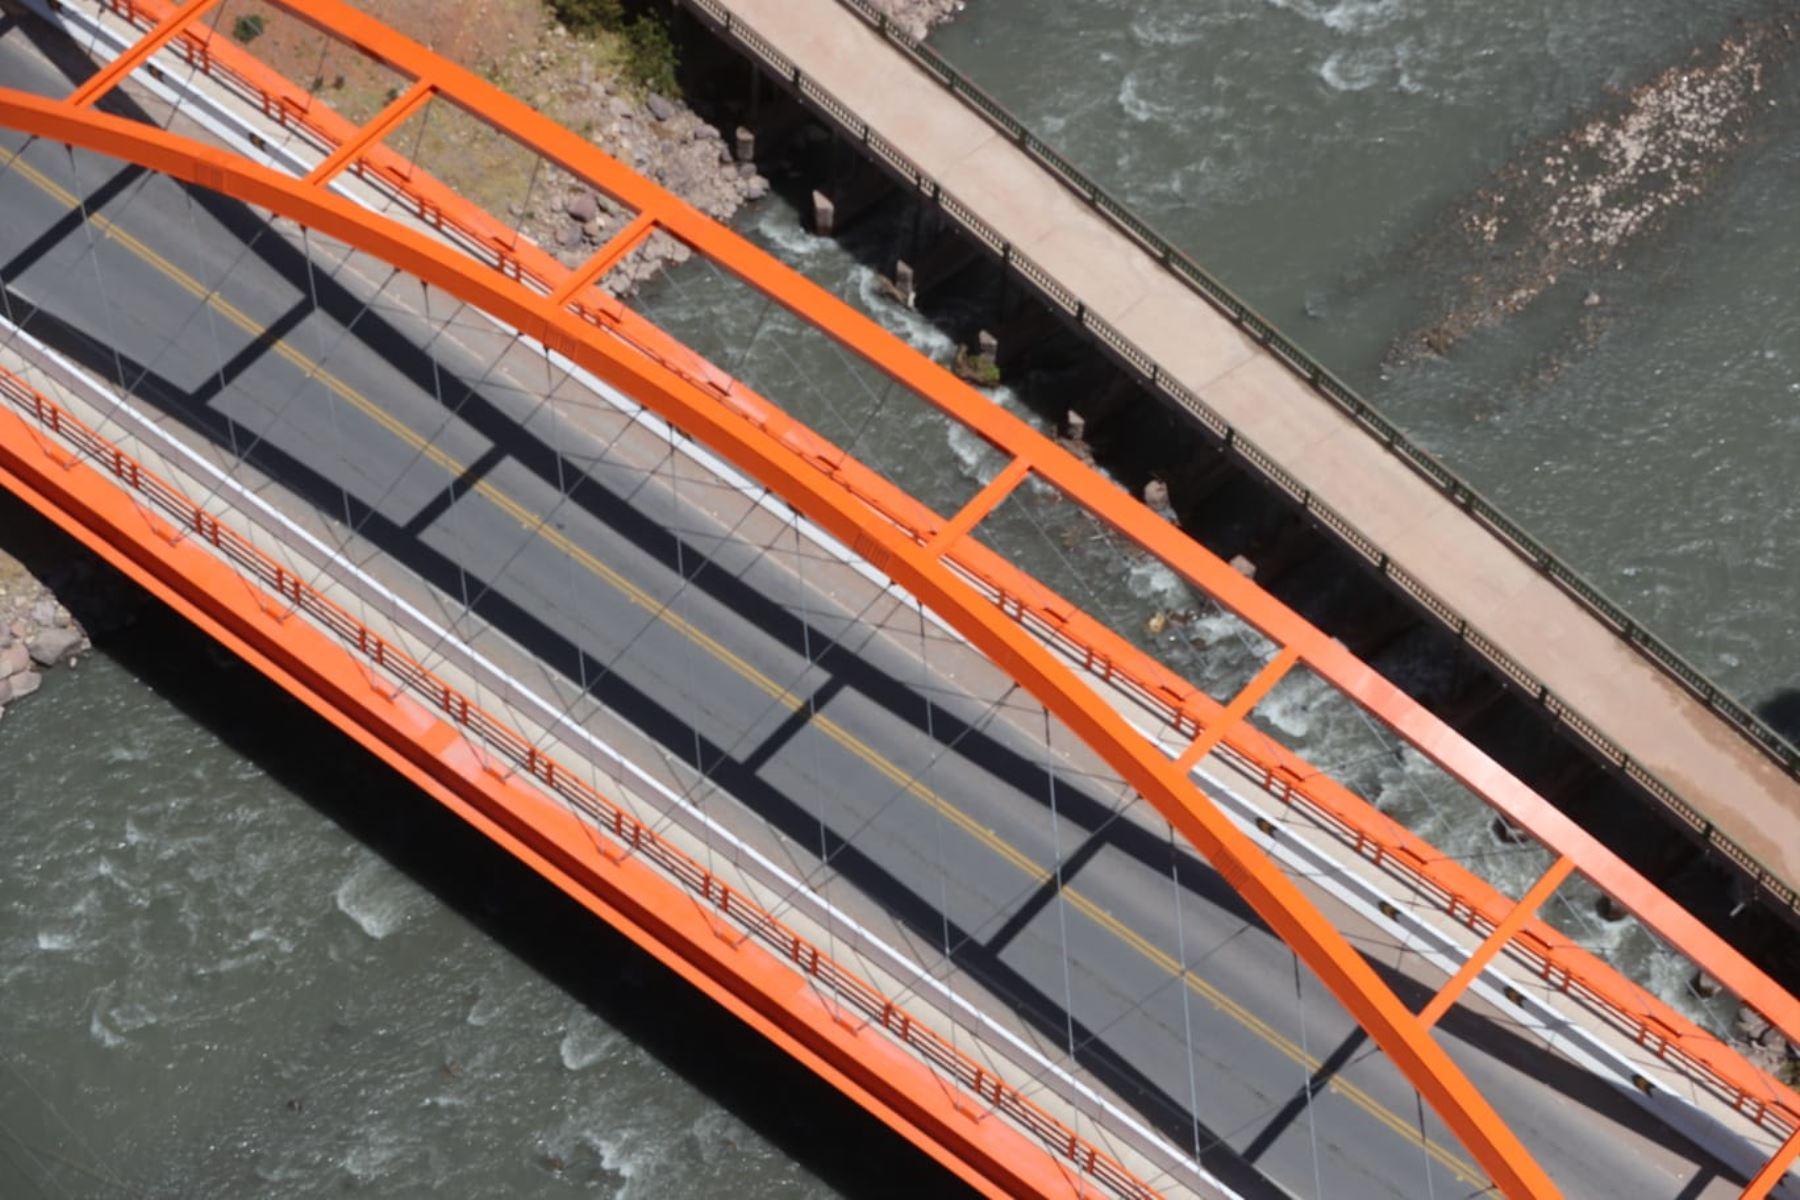 El presidente Martín Vizcarra junto al Ministro de Transportes y Comunicaciones, supervisa la puesta en funcionamiento de las obras de mejoramiento del Puente Combapata. Foto: ANDINA/Prensa Presidencia